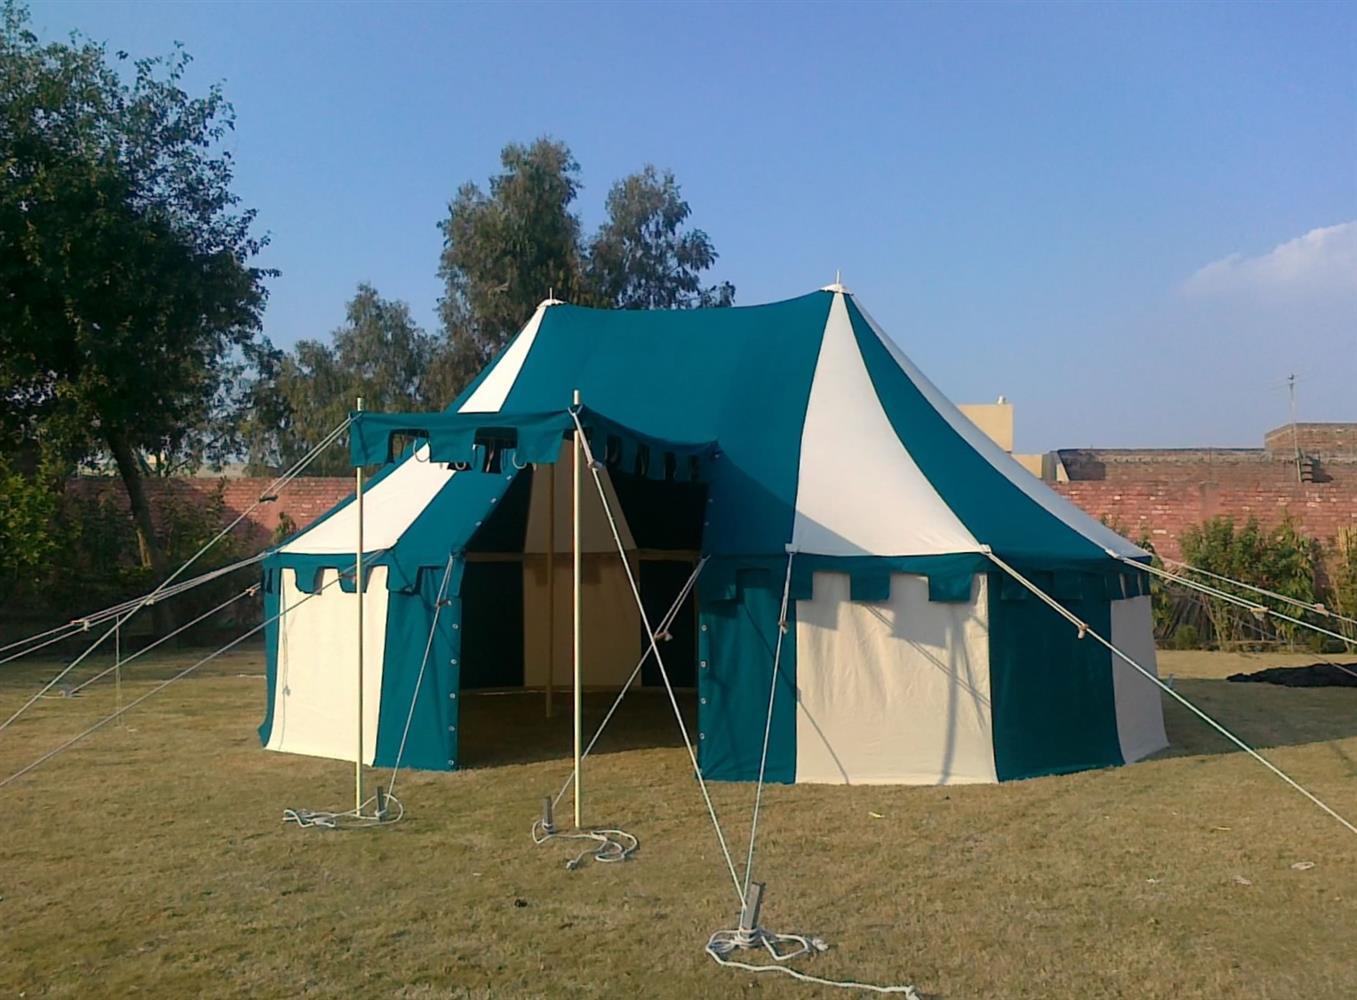 Stilgerechte Zelte für das nächste LARP!